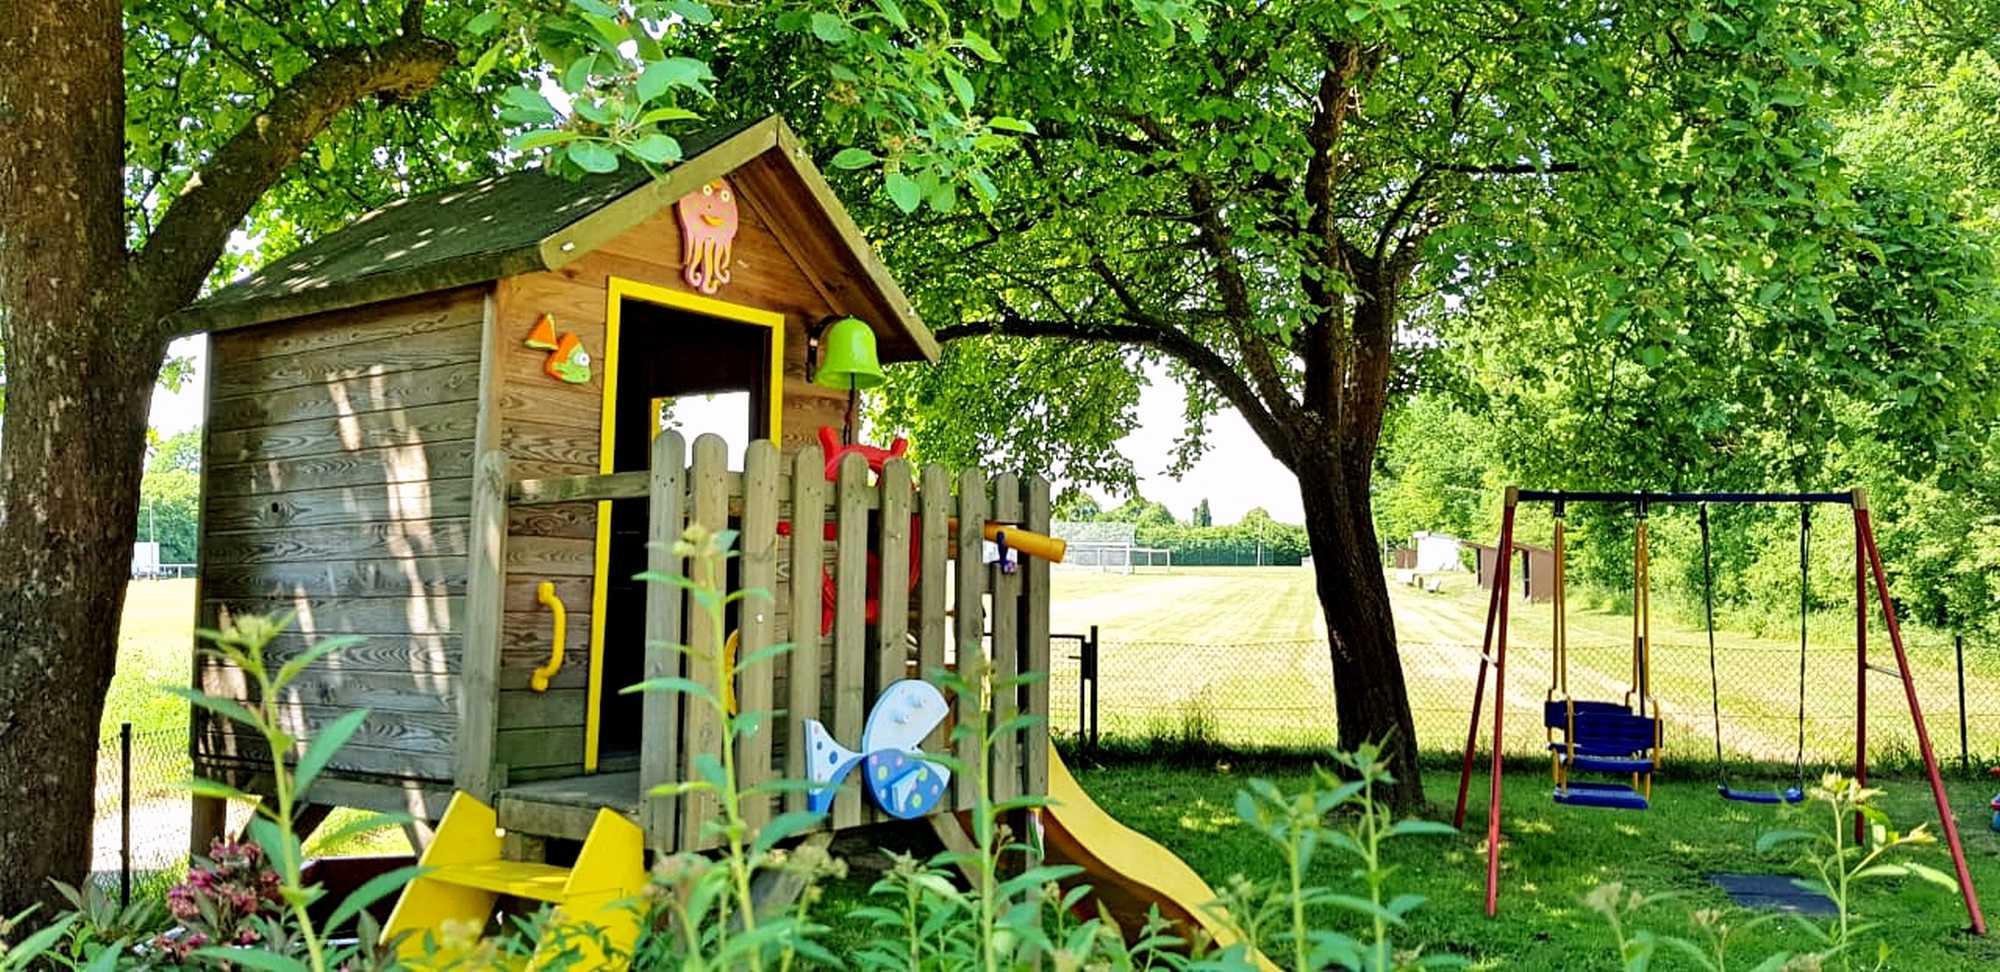 Kita Kid Zone Krippe 1 2 - Kita Kid Zone Kinderbetreuung für 0-3 Jahre in Jersbek